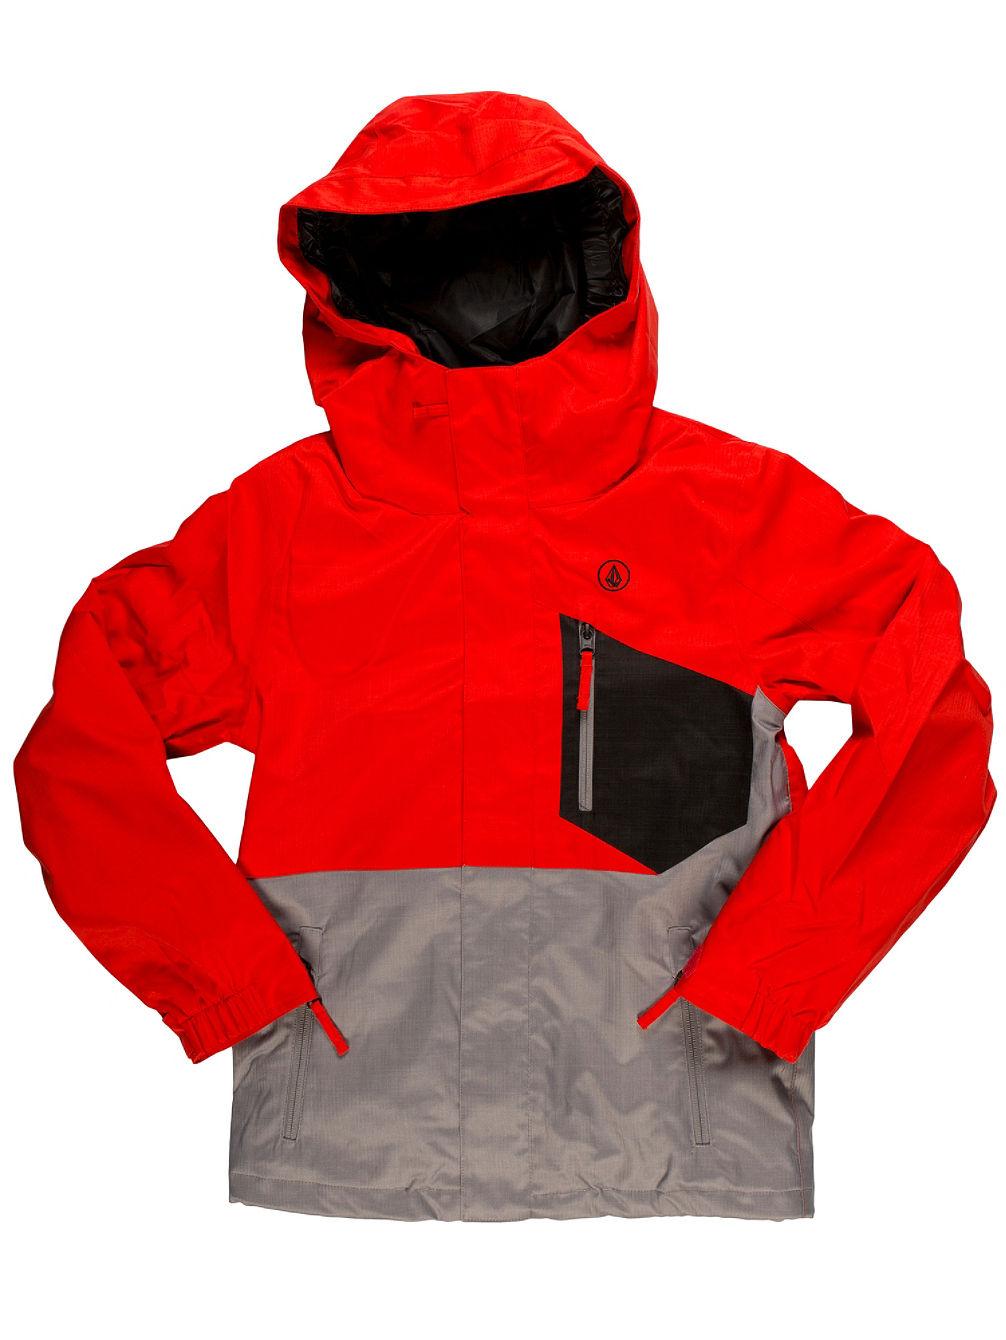 5df55468581e Buy Volcom Elias Ins Jacket online at blue-tomato.com